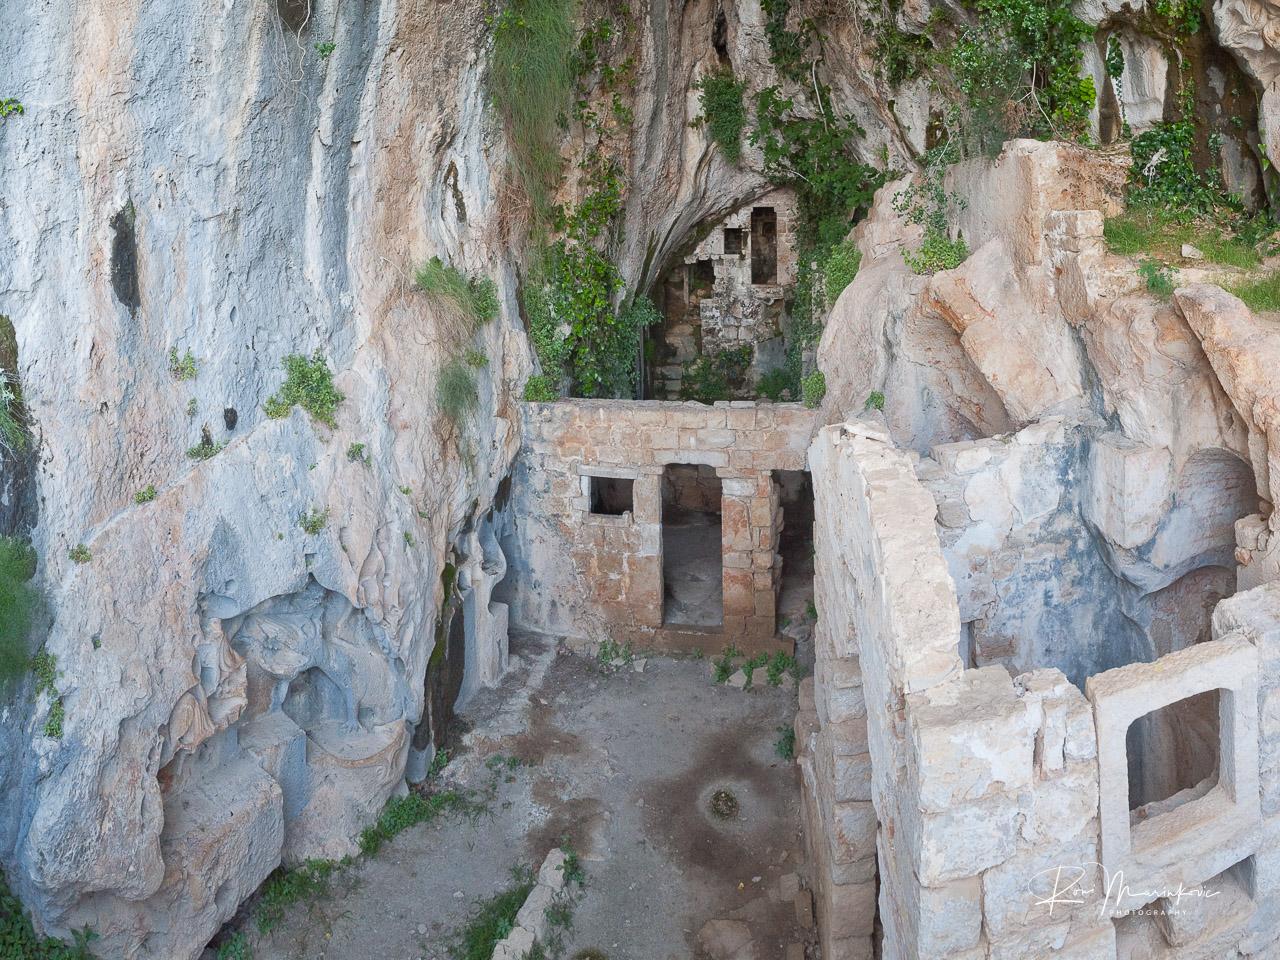 Dragon's Cave (Zmajeva Špilja)